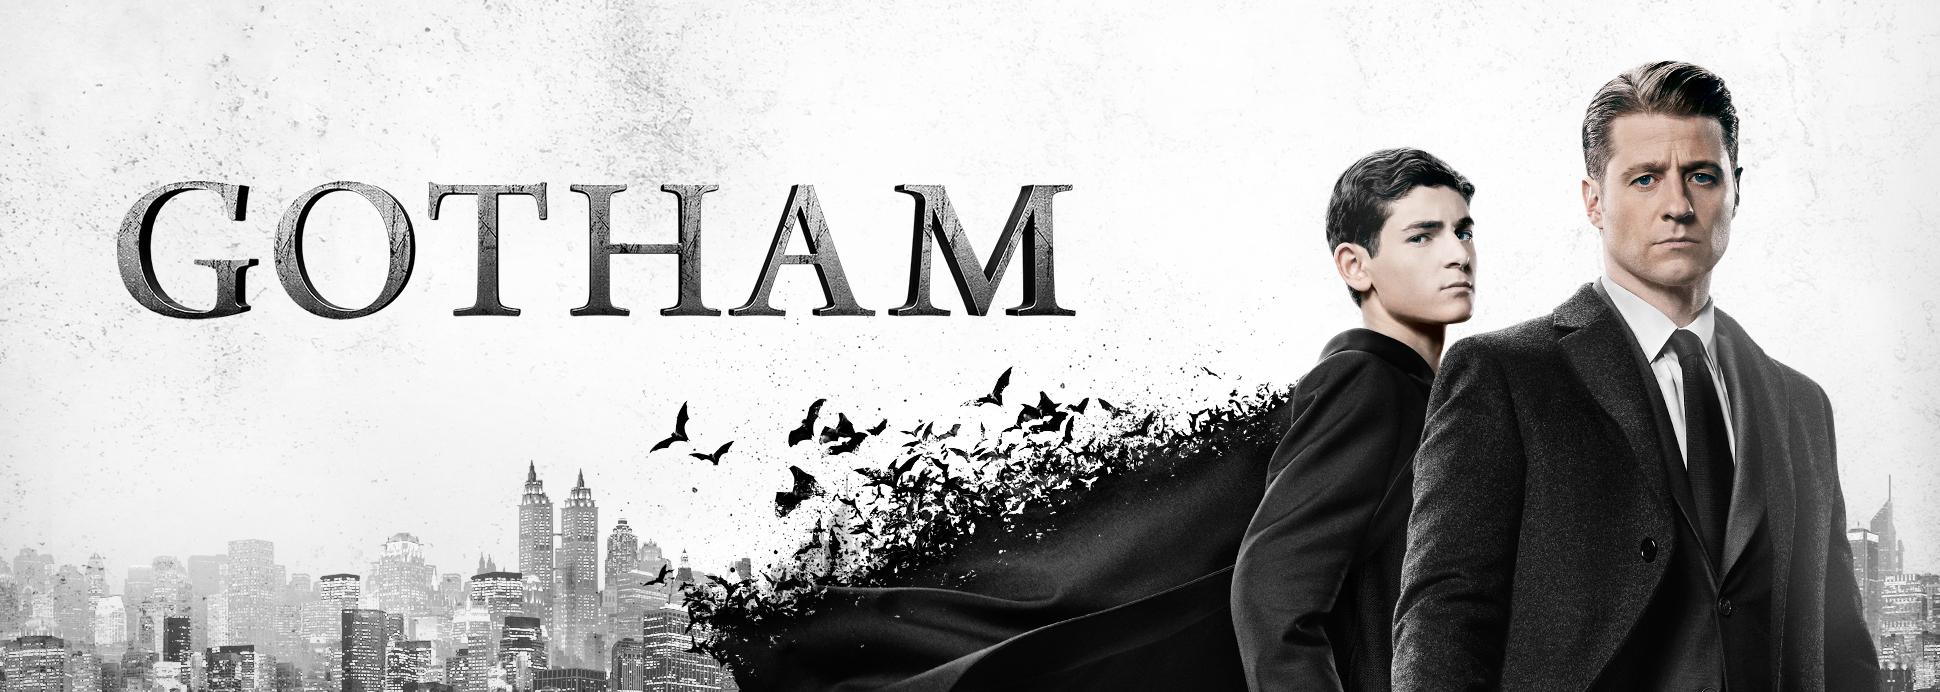 Gotham' Season 5 - A Time Jump, a Mustache, and a Batman